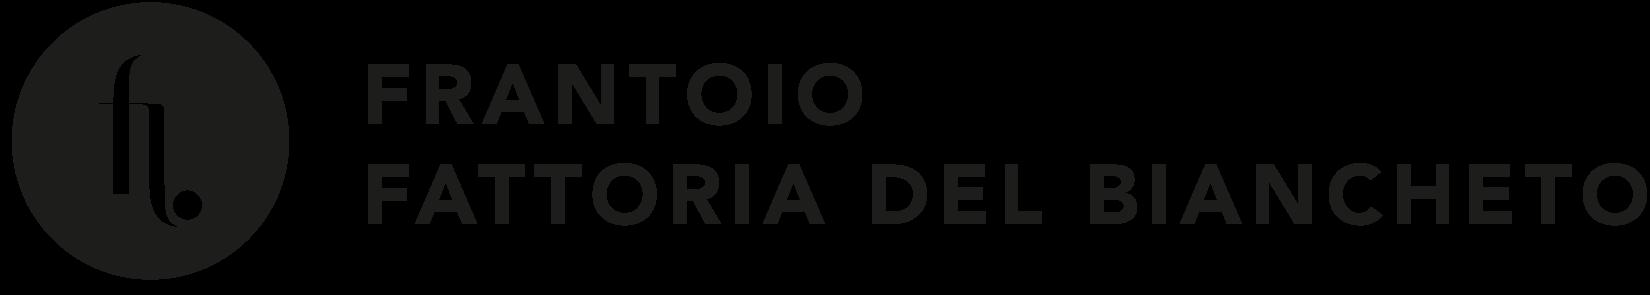 Fattoria del Biancheto Logo